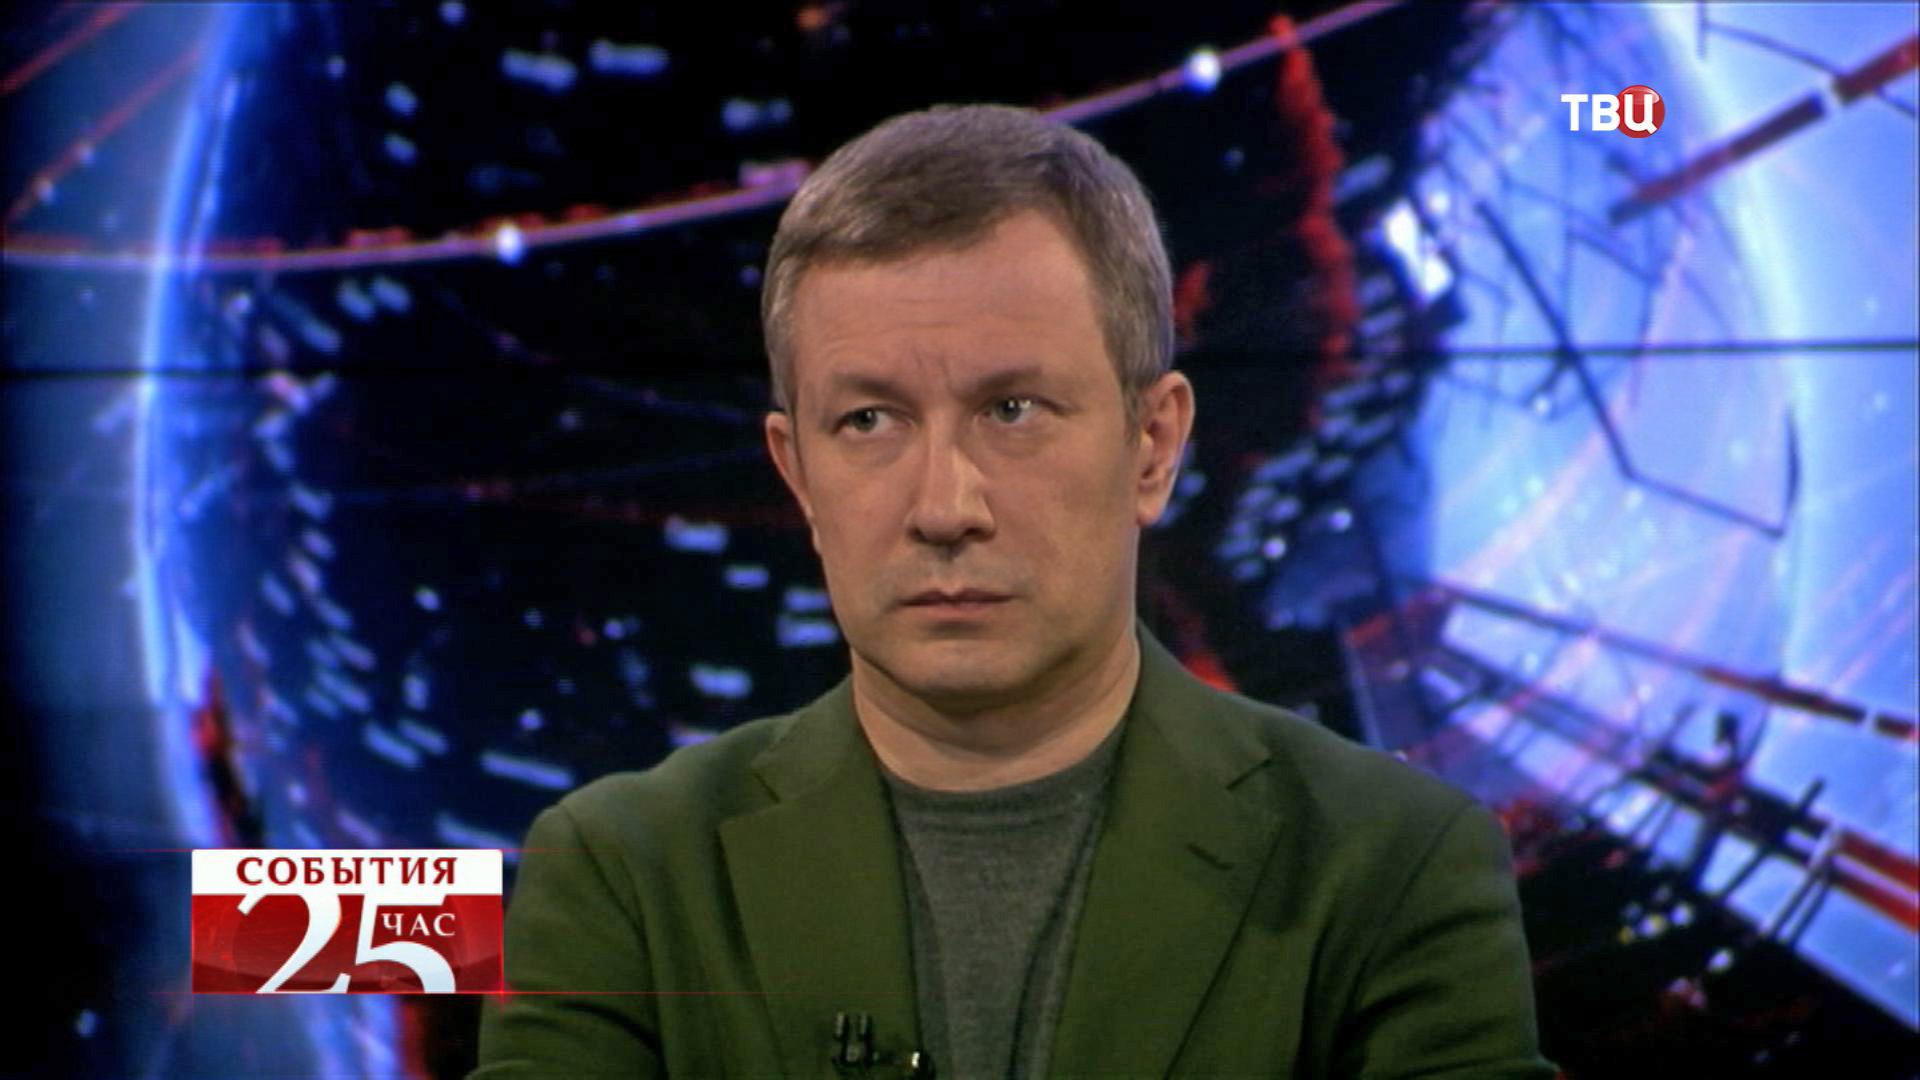 Генеральный директор Центра политической конъюнктуры Алексей Чеснаков